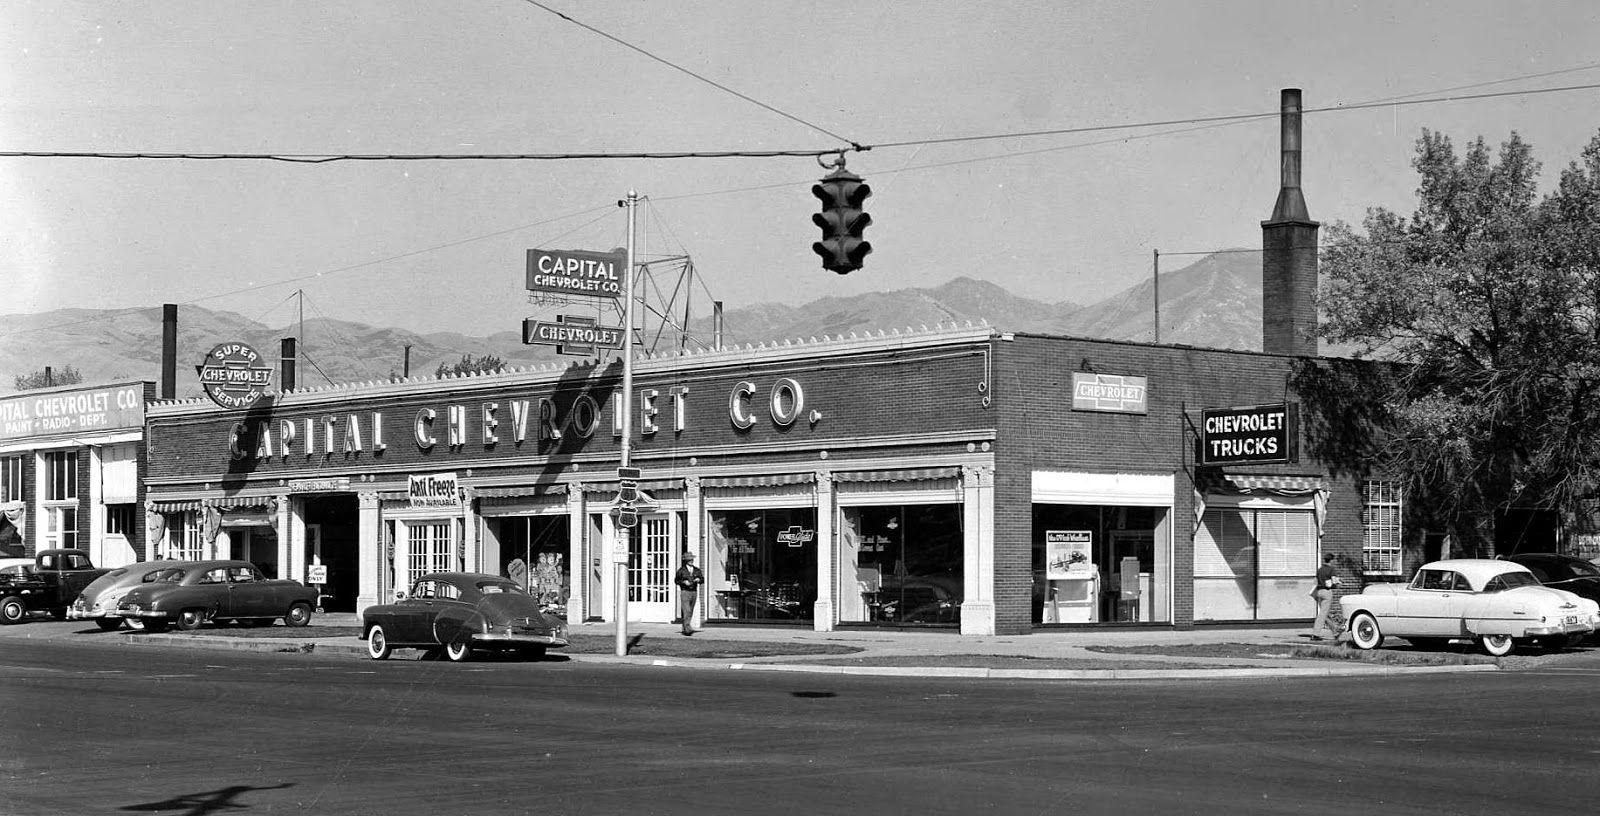 Capital Chevrolet Co.vintage car dealer Used car lots